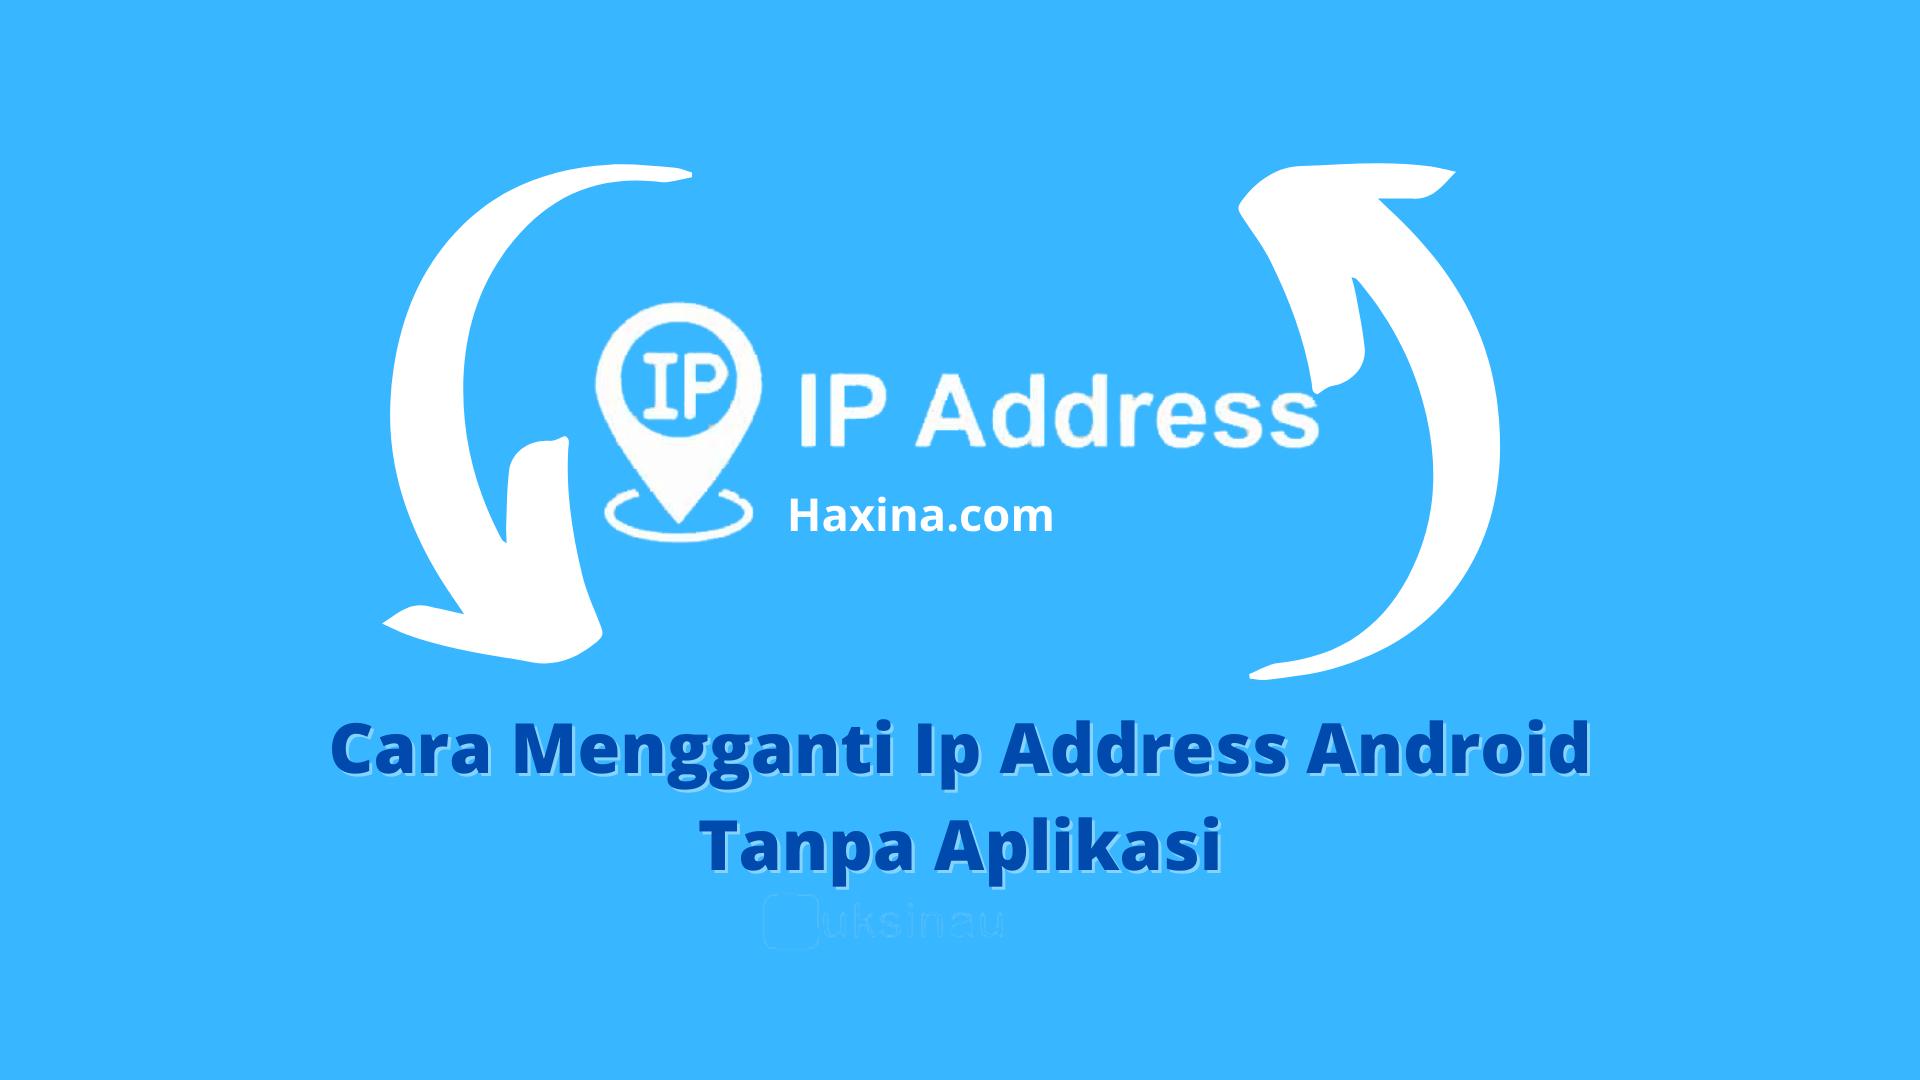 Cara Mengganti Ip Address Android Tanpa Aplikasi